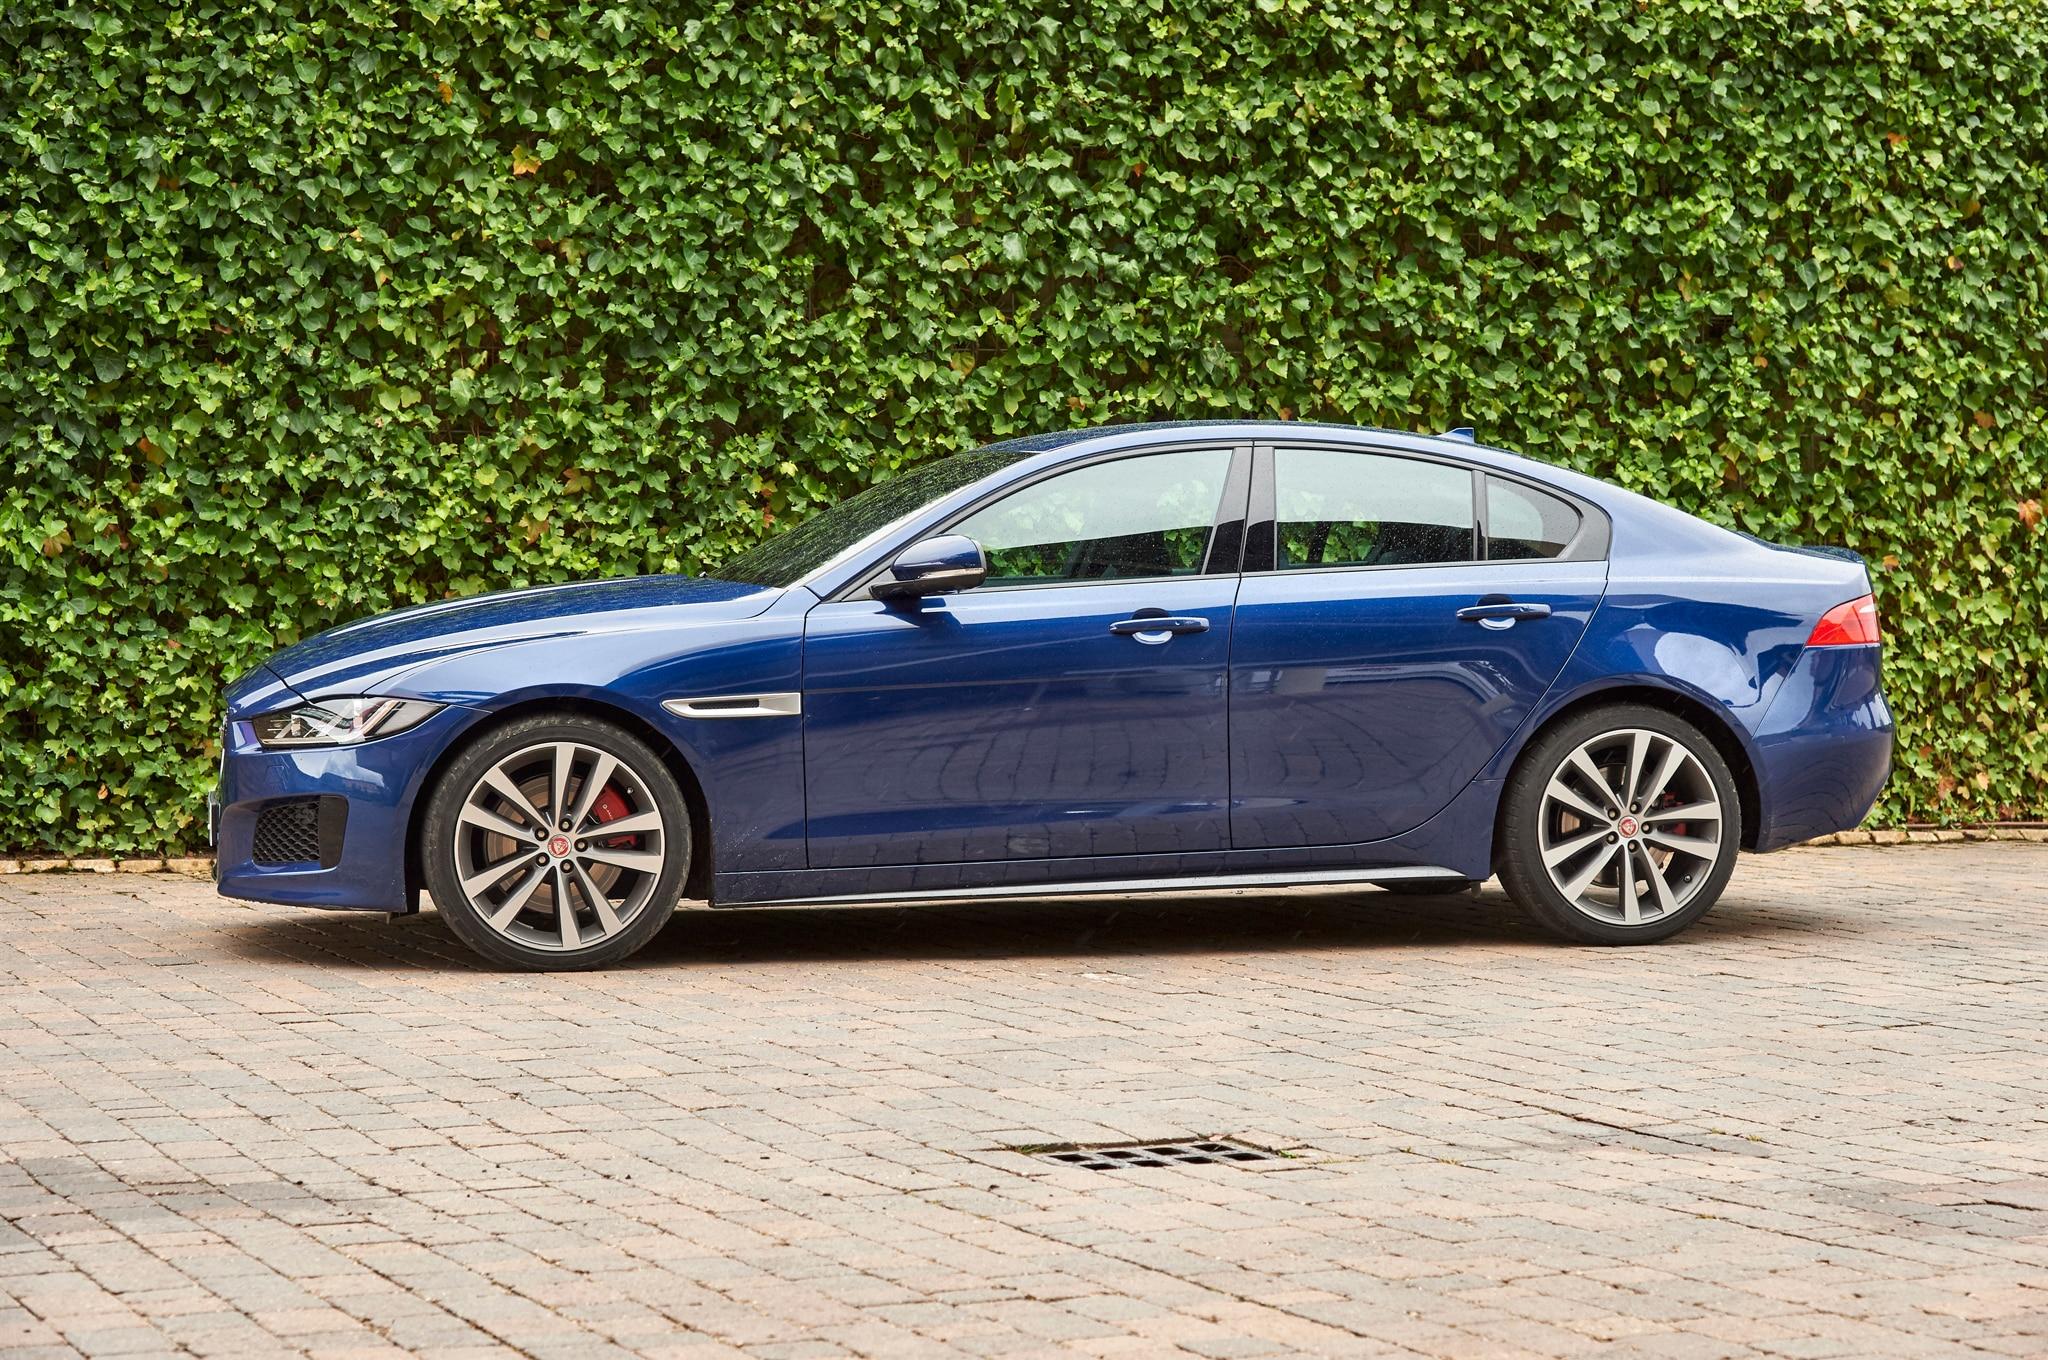 2017 Jaguar Xe S Side Profile 29 Junio 2016 Wpengine